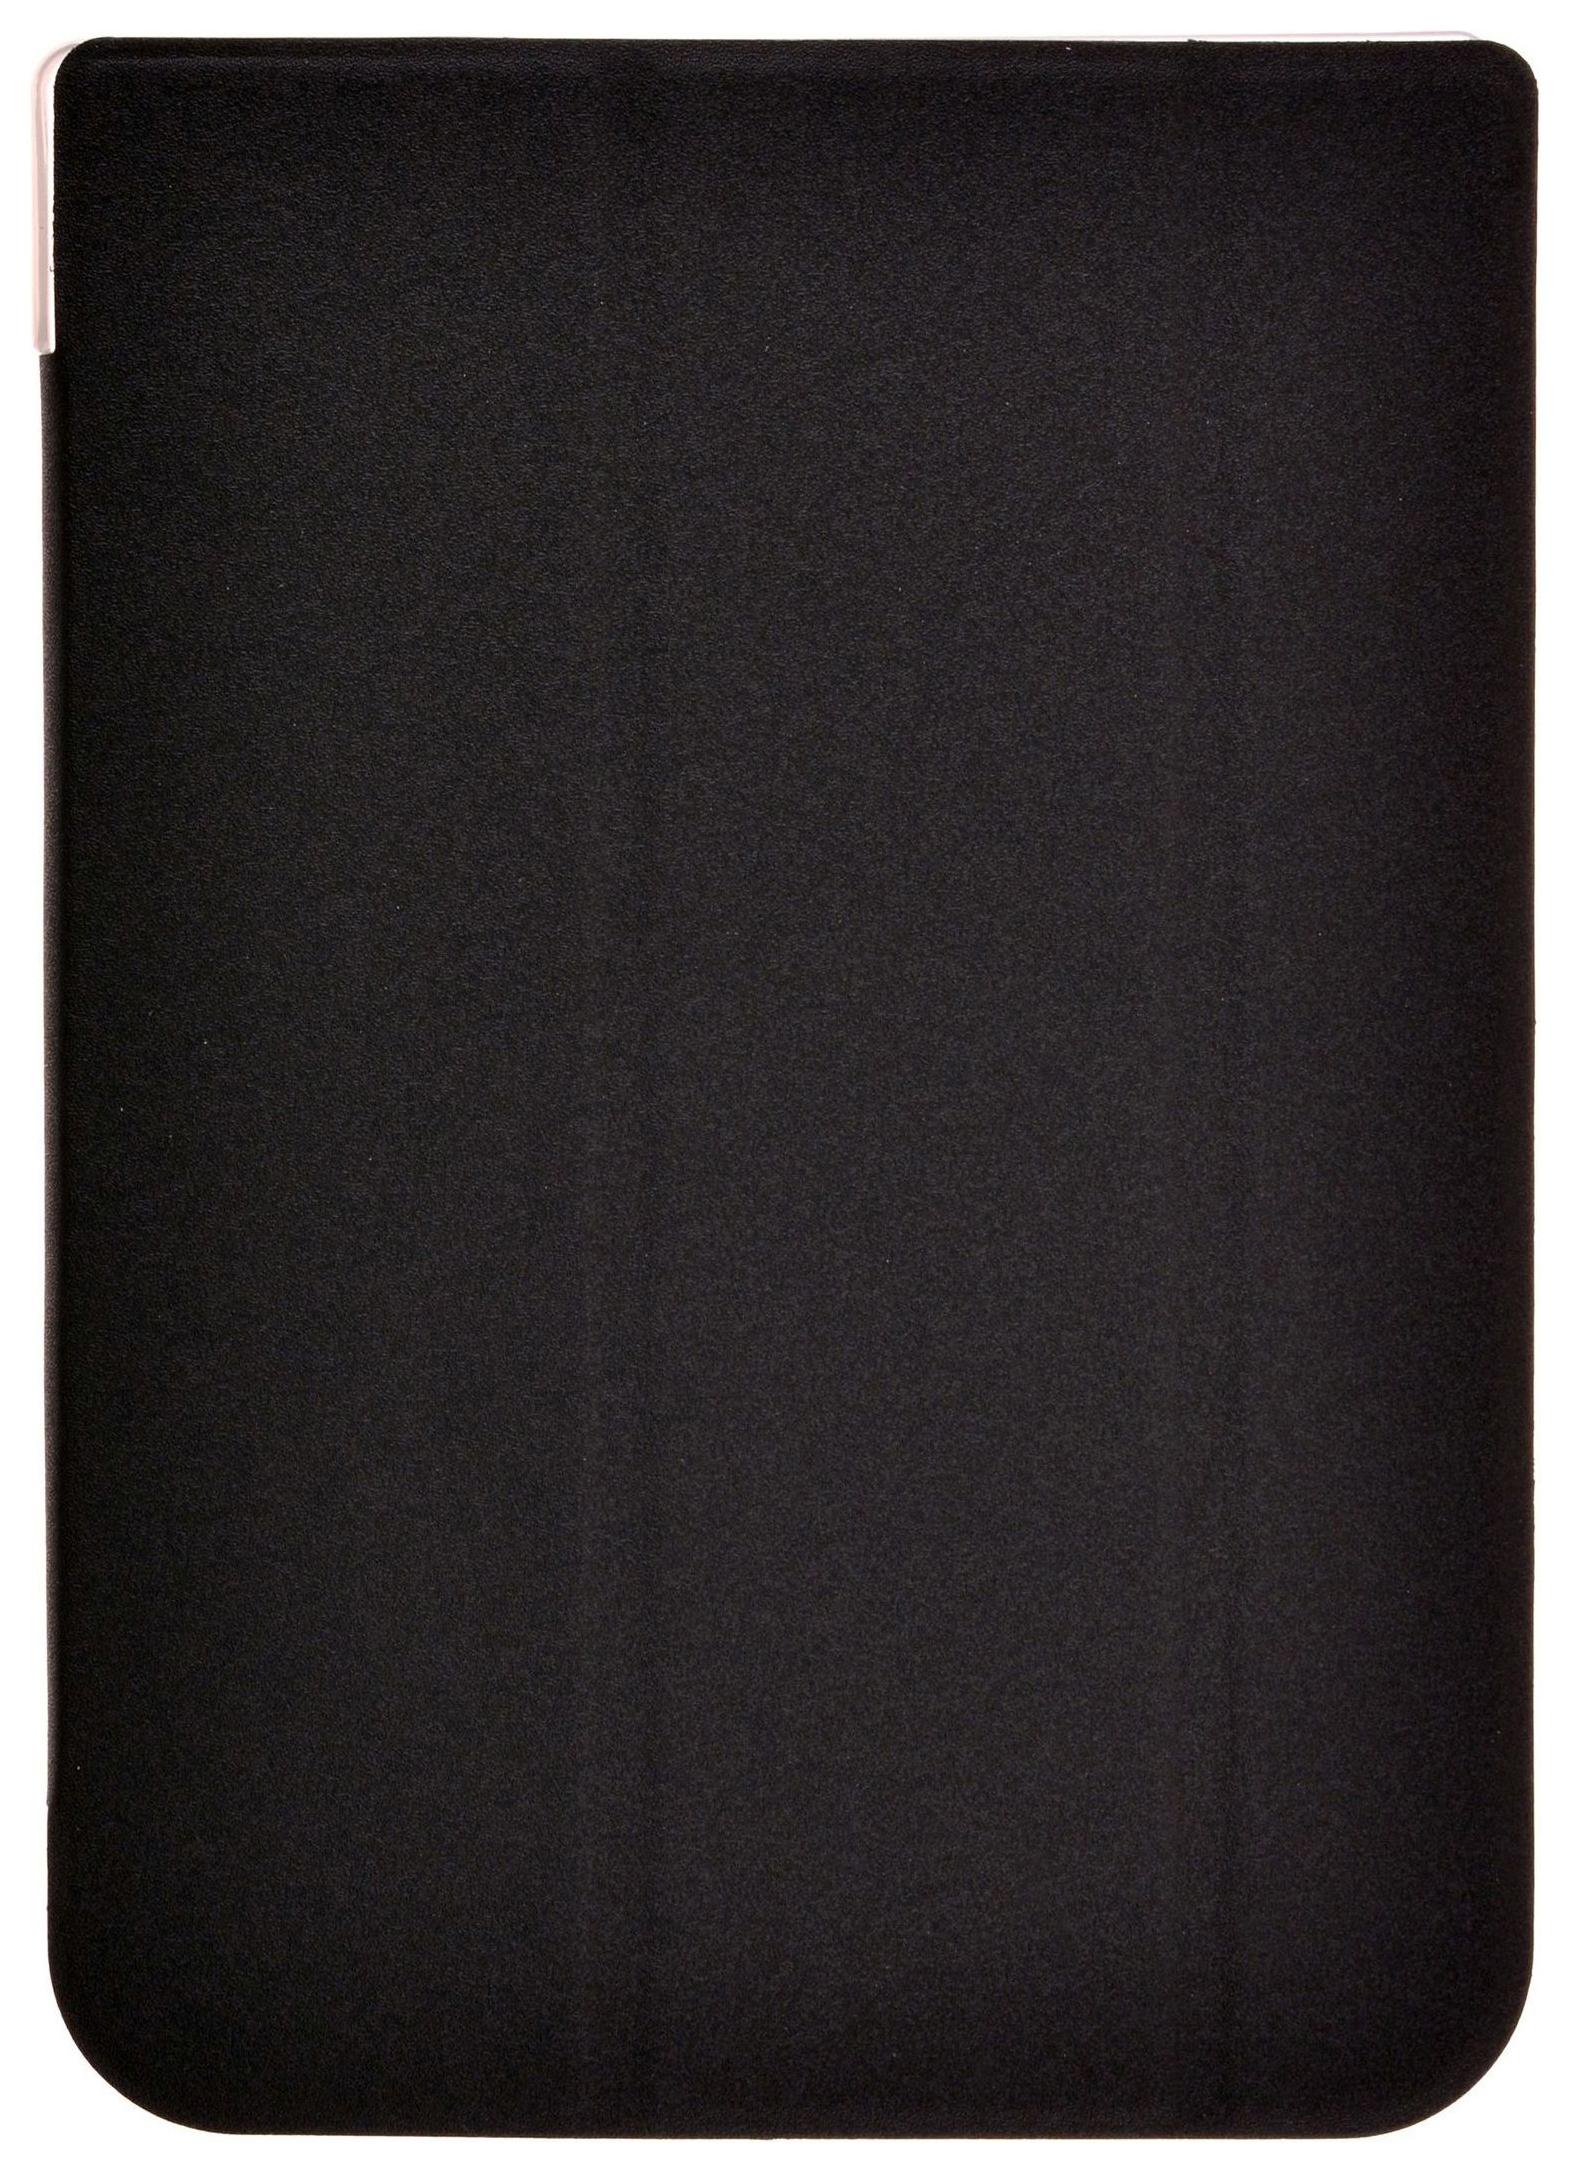 Чехол-книжка для электронной книги ProShield. Smart , для Pocketbook 740, цвет черный  - купить со скидкой